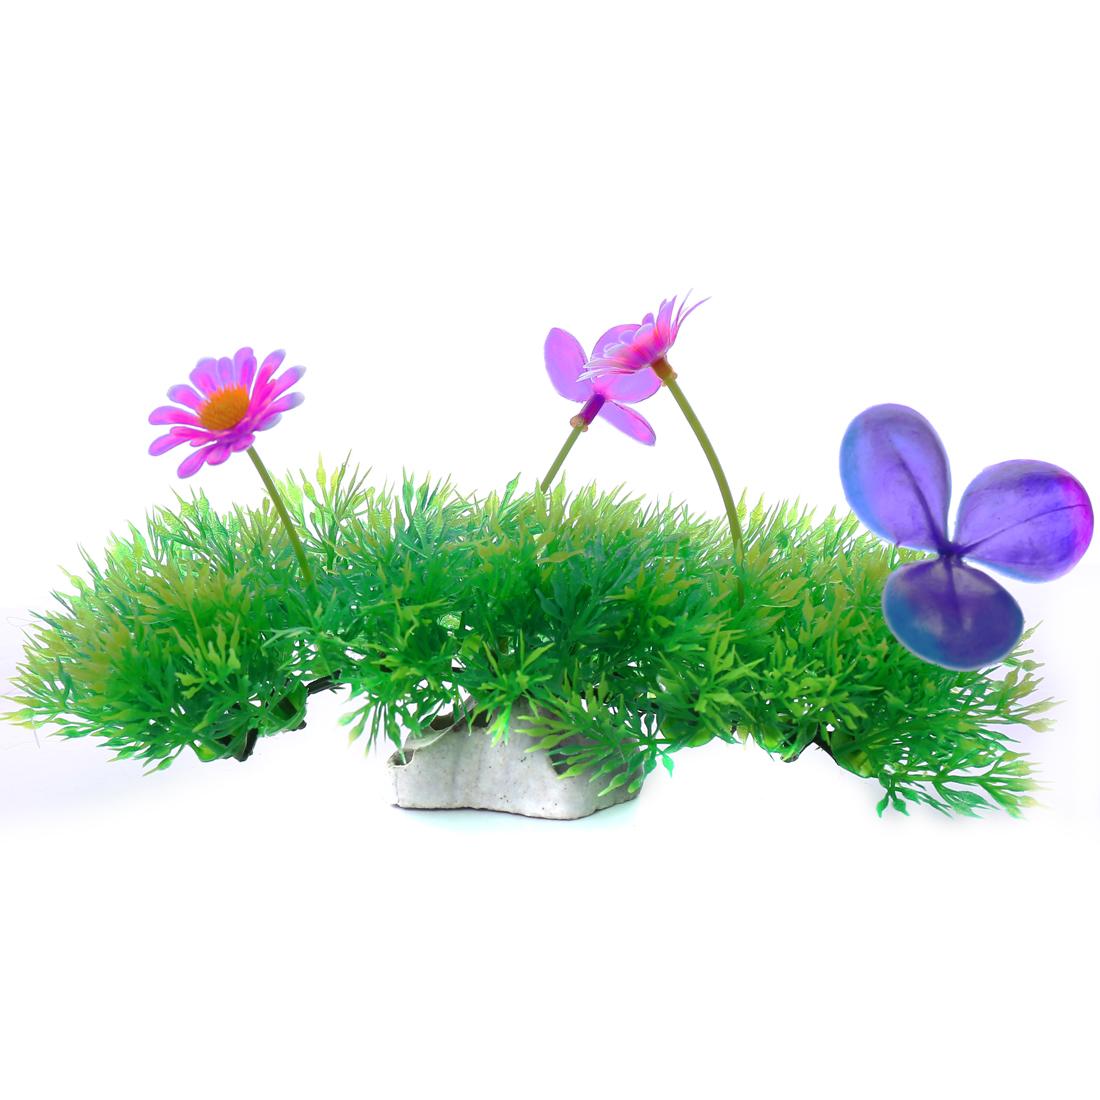 Green Lawn clorful Flower Aquarium Plastic Plants Fish Tank Ornament